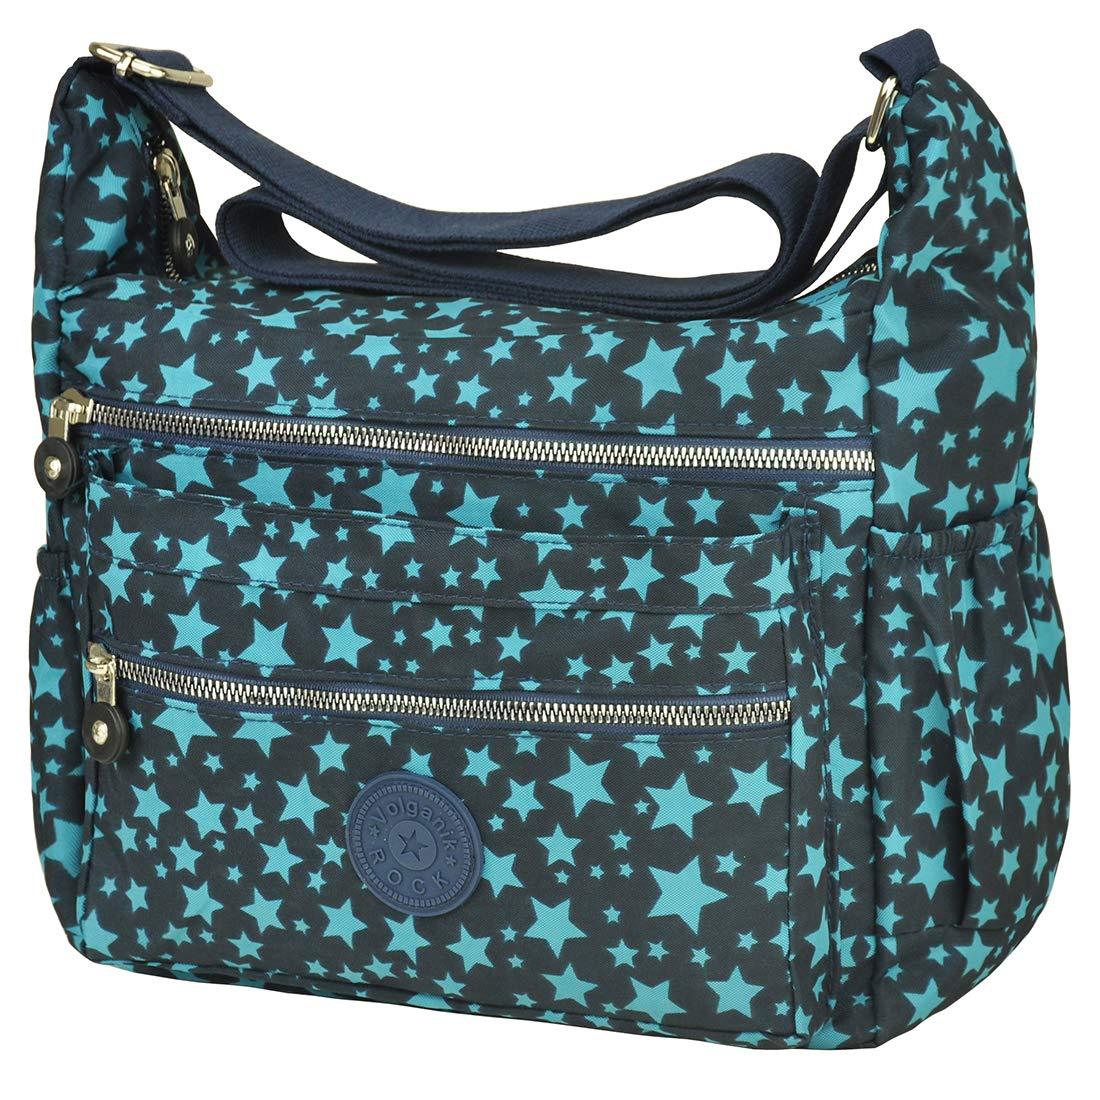 Multi Pocket Crossbody Bag Lightweight Travel Purse Volganik Rock Nylon Waterproof Shoulder Handbag (8016_Pattern#Star)